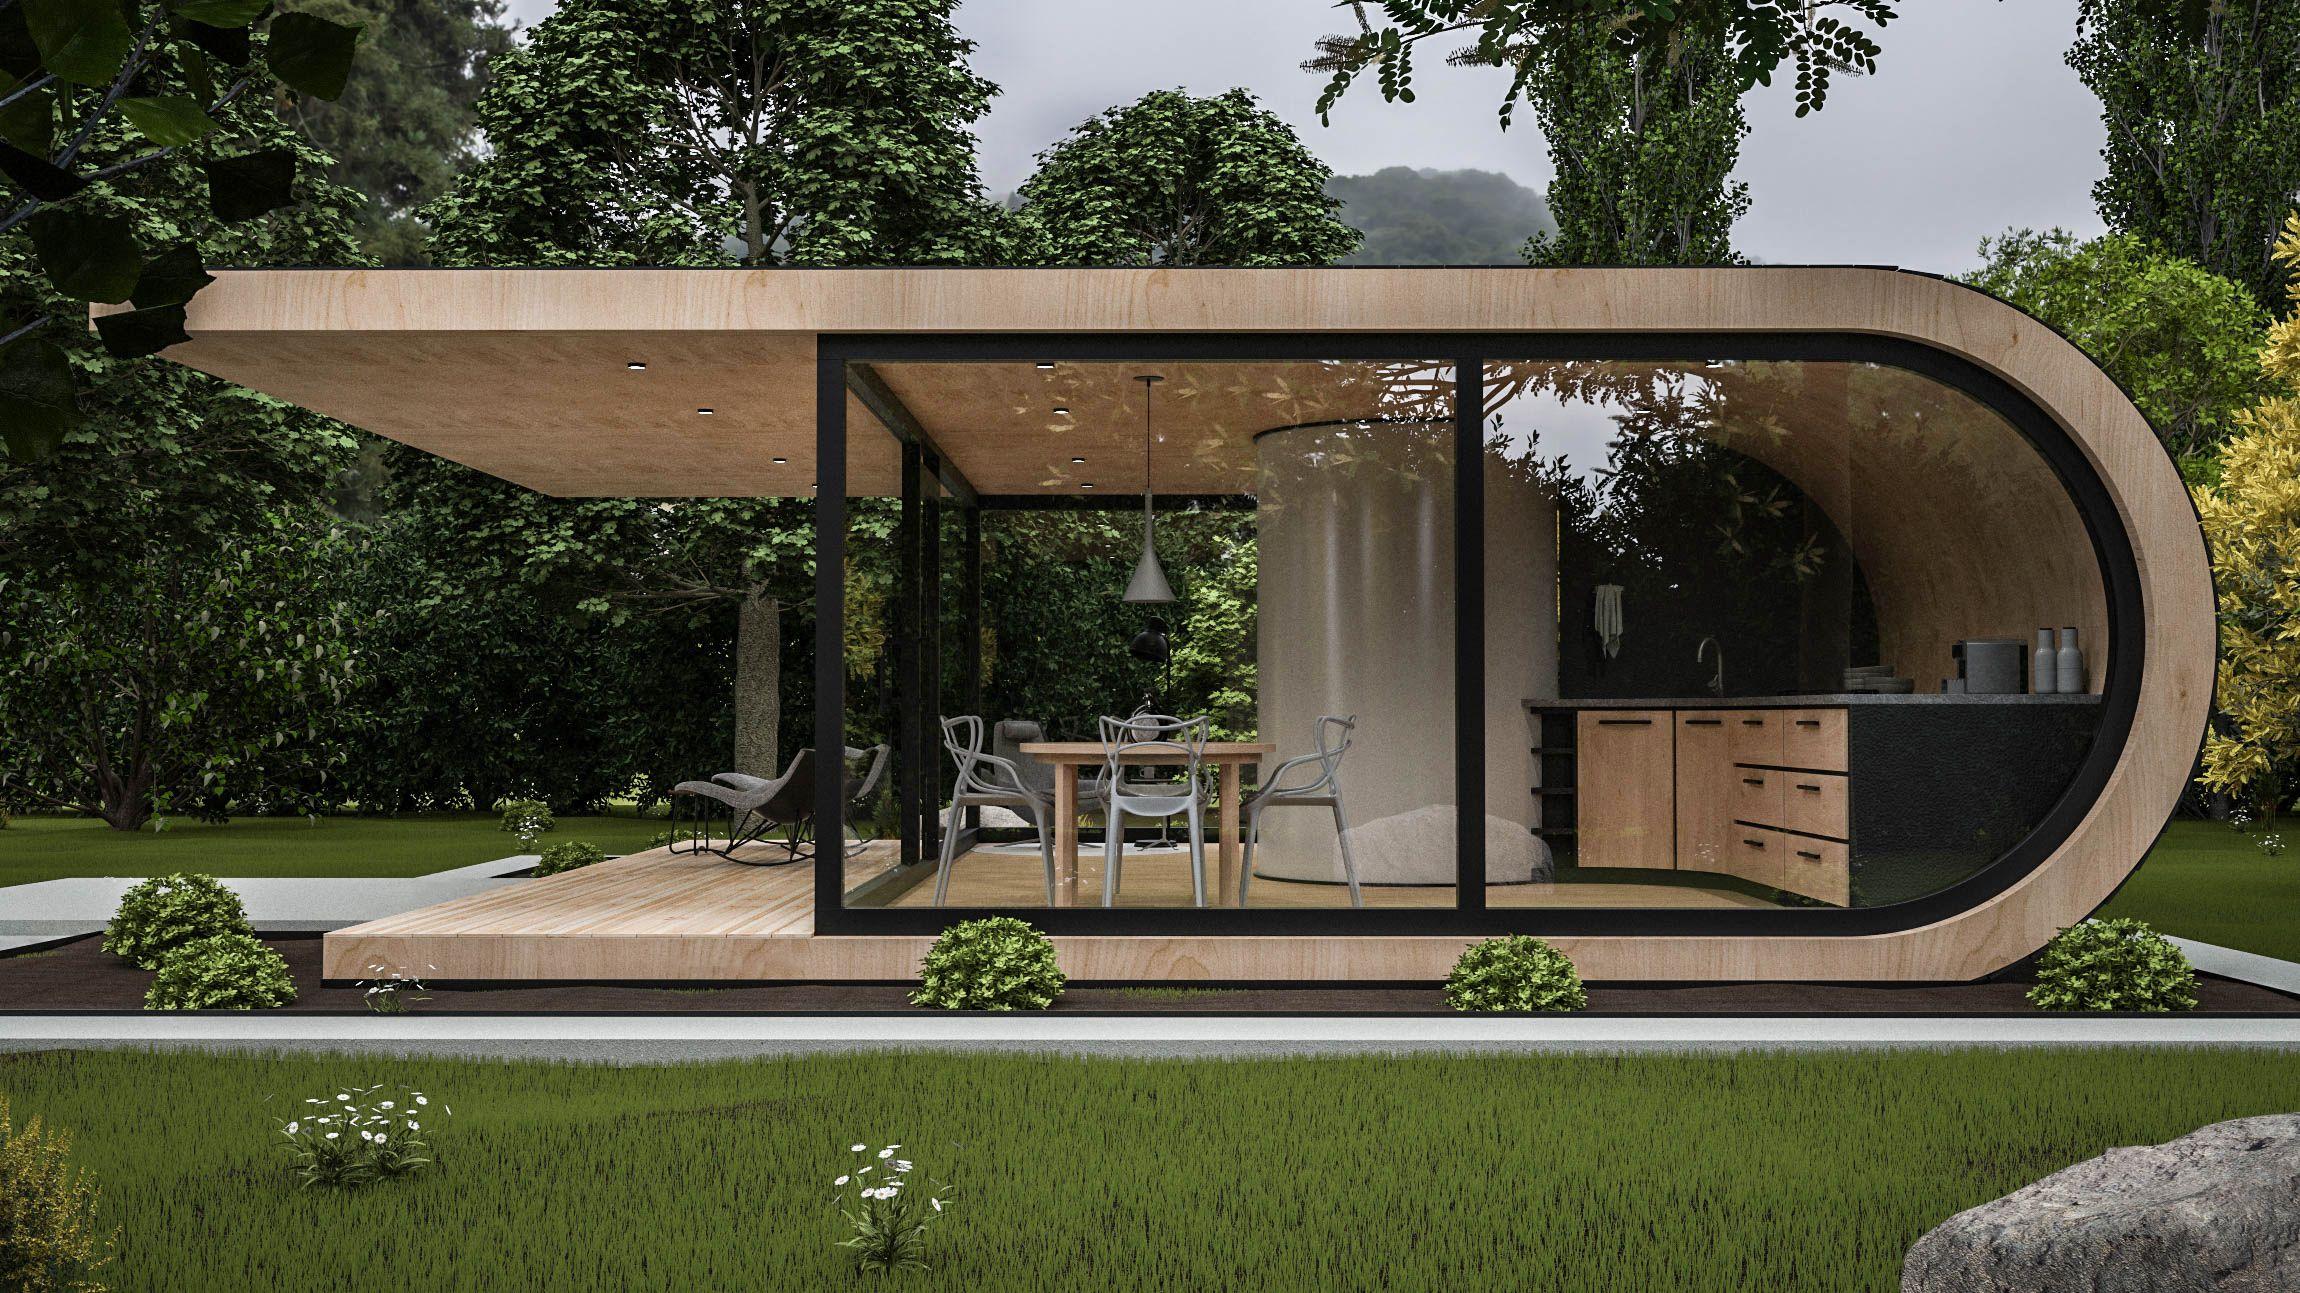 La mini casa da giardino che sembra una scena di Inception